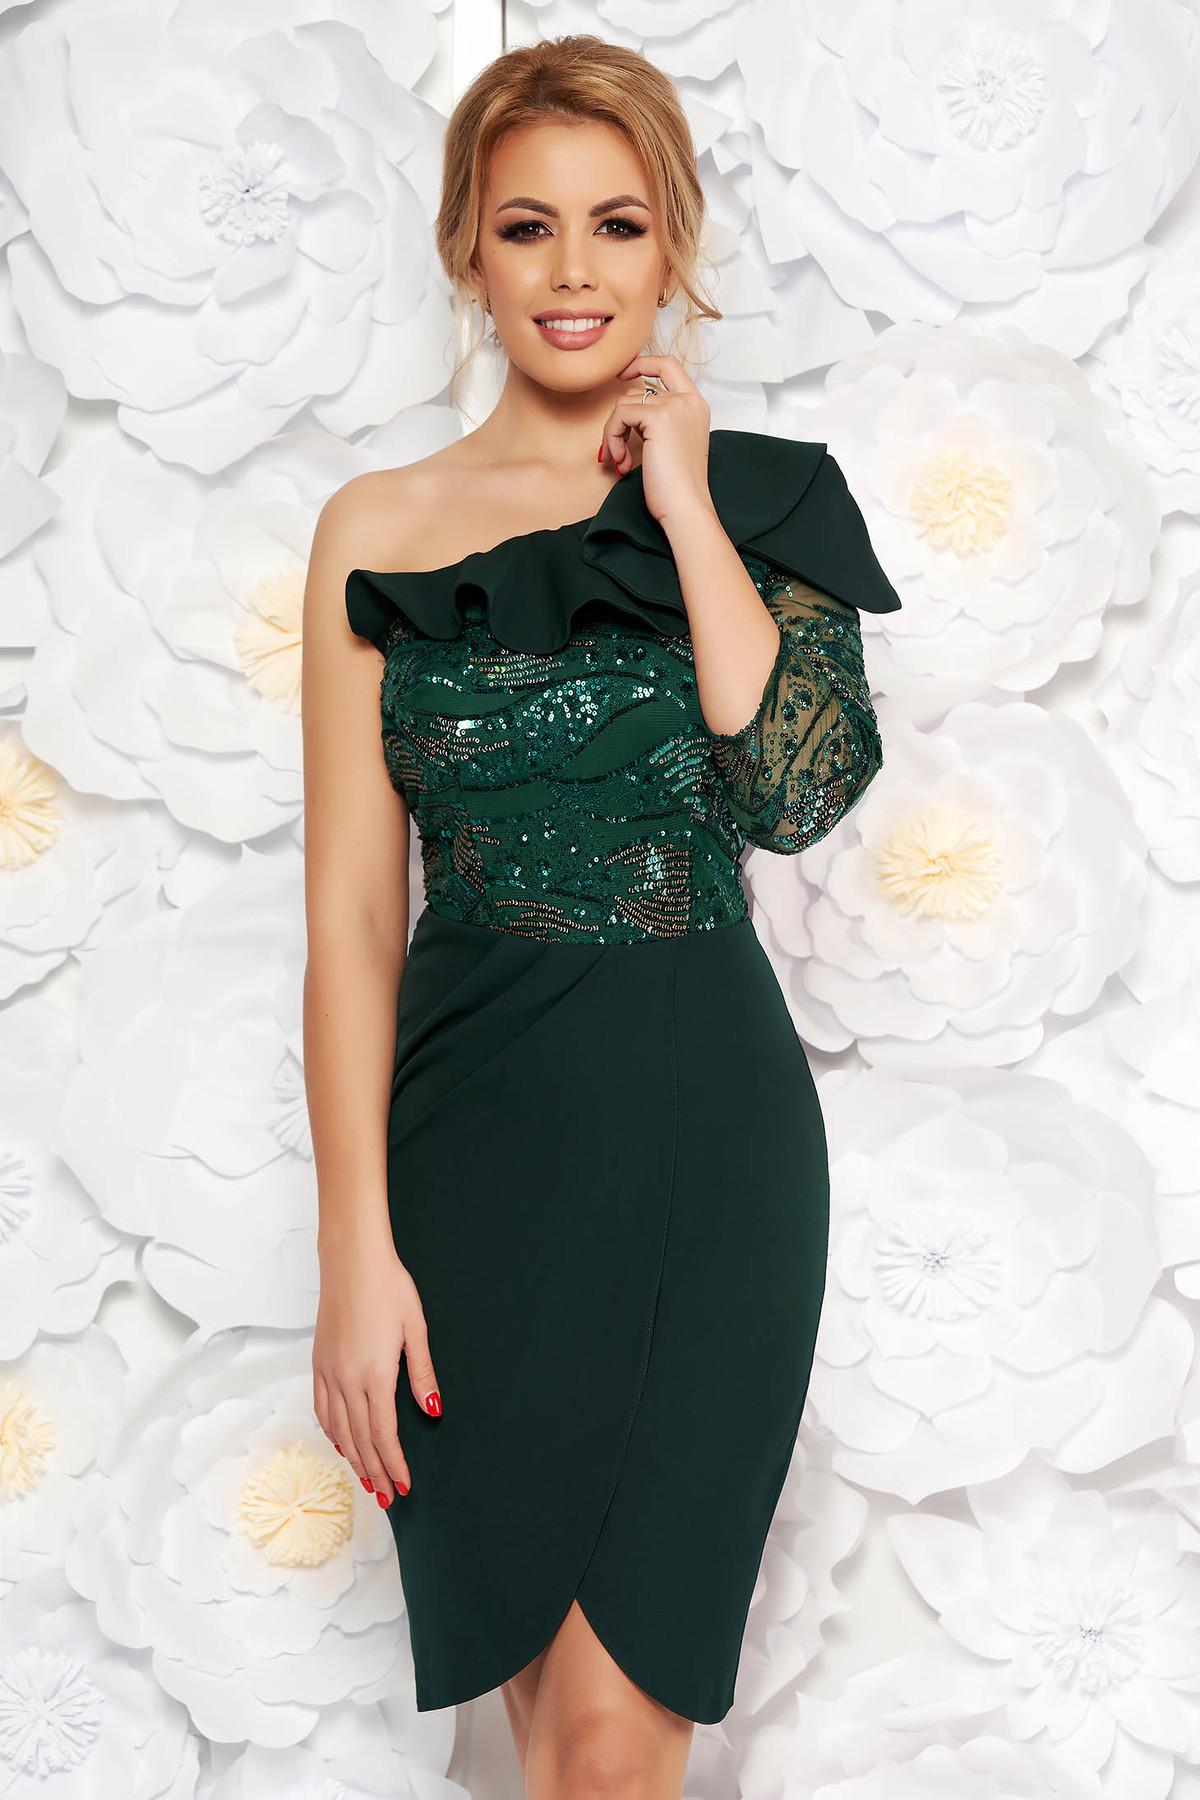 Rochie verde-inchis de ocazie tip creion din stofa subtire usor elastica cu aplicatii cu paiete